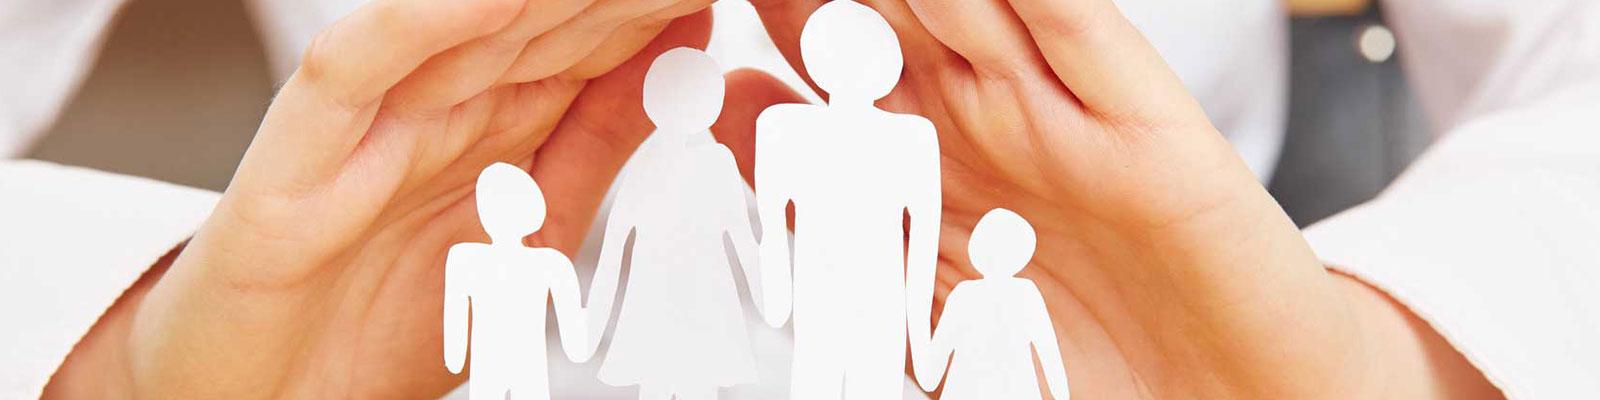 familienhilfe1